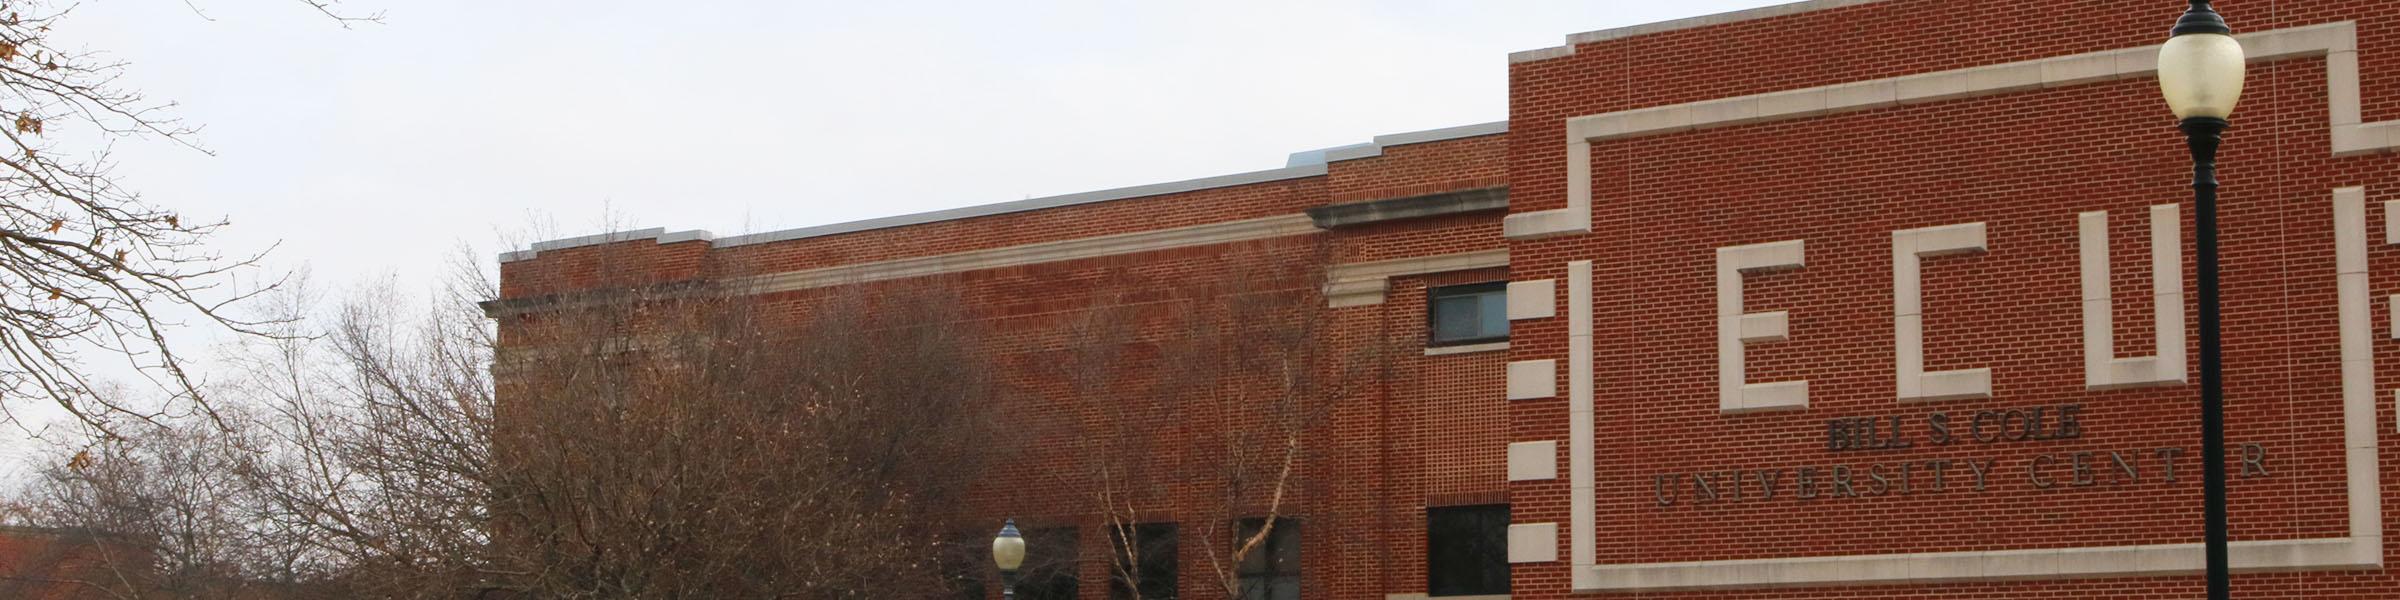 University Center Banner